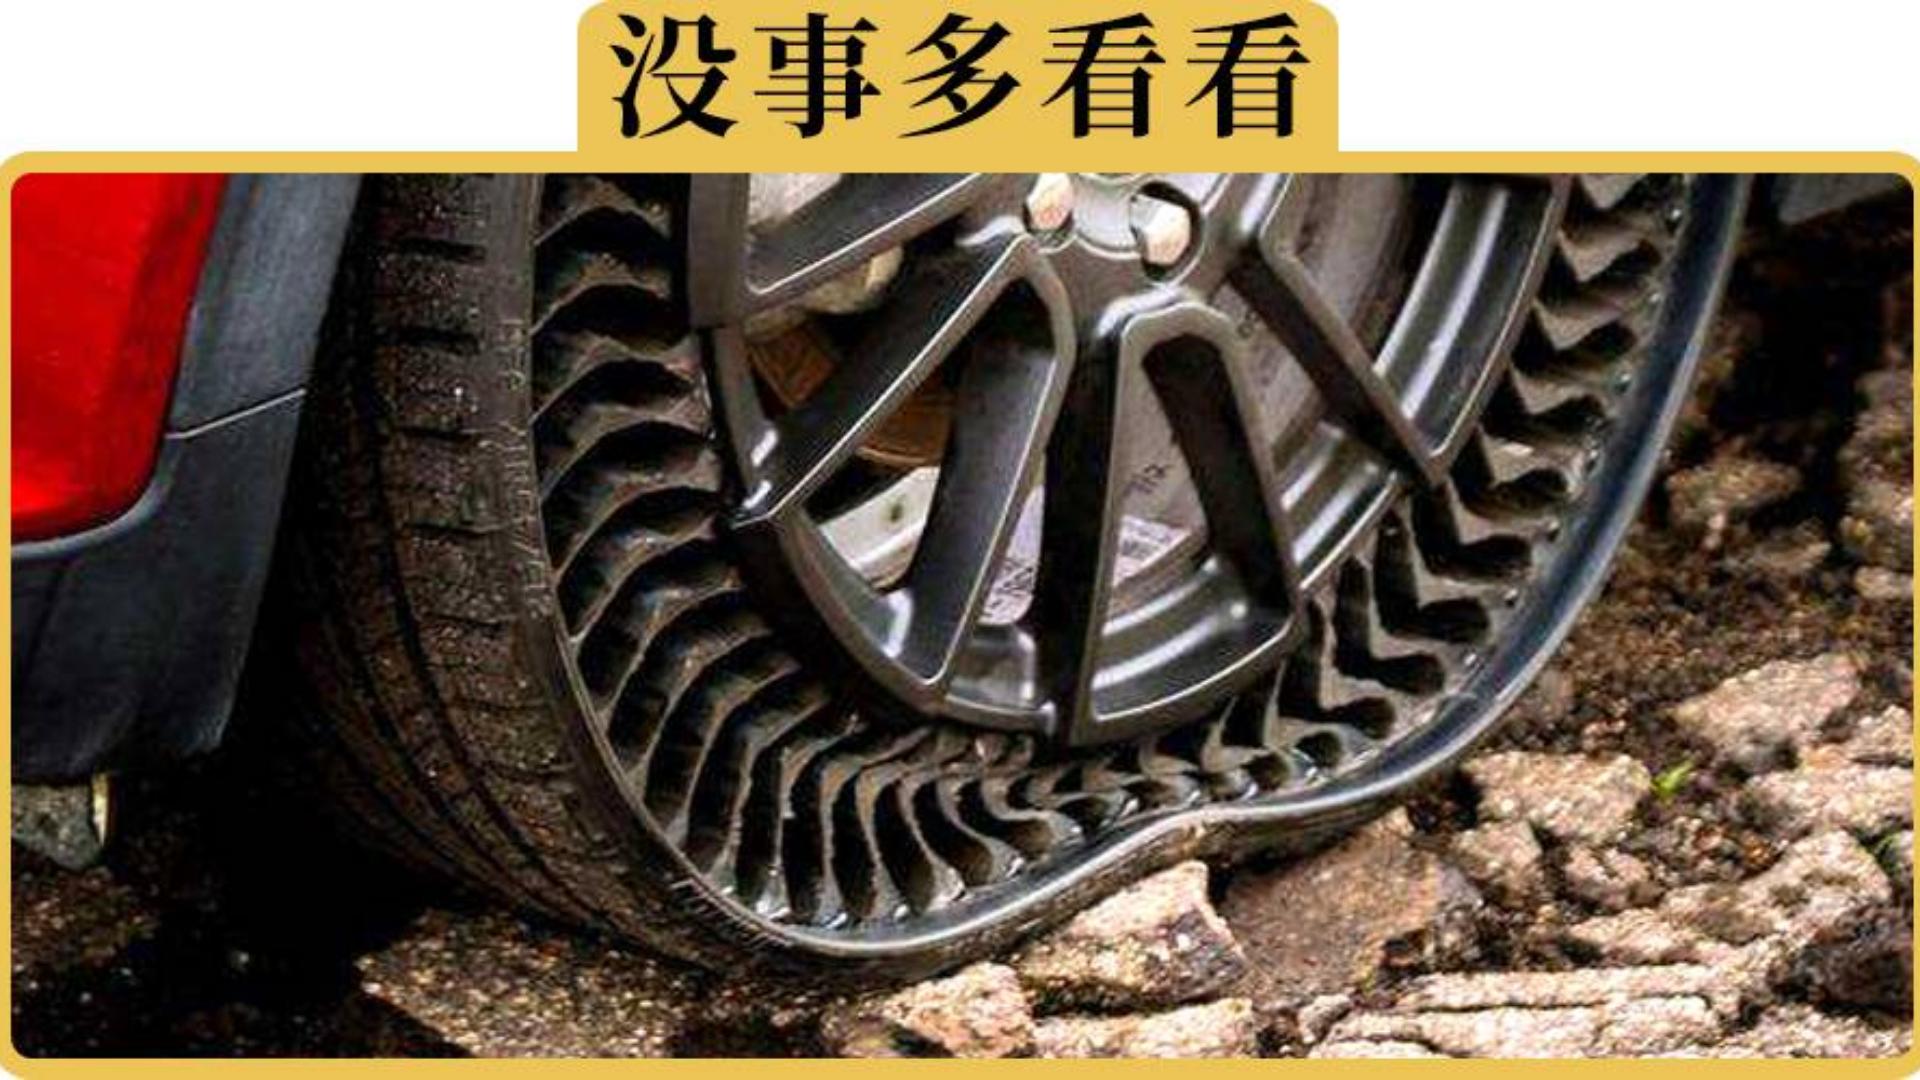 轮胎多久充1次气最安全